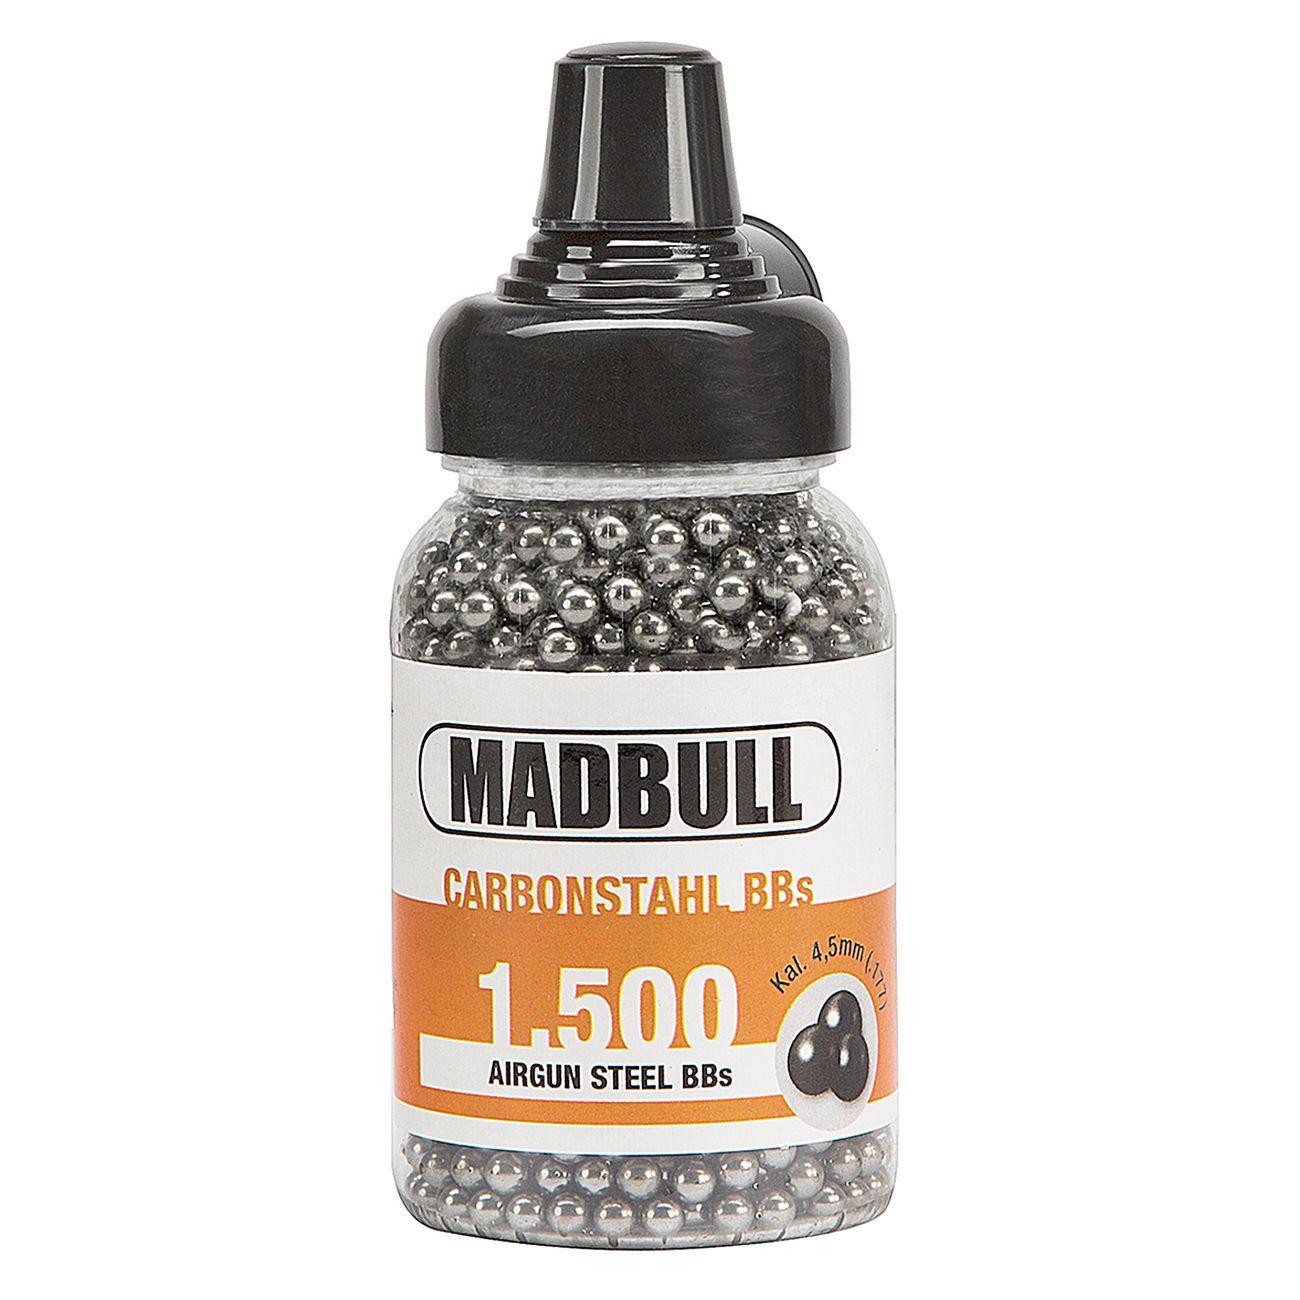 madbull stahlrundkugeln kal 4 5 mm bb 1500er schnelllader g nstig kaufen kotte zeller. Black Bedroom Furniture Sets. Home Design Ideas